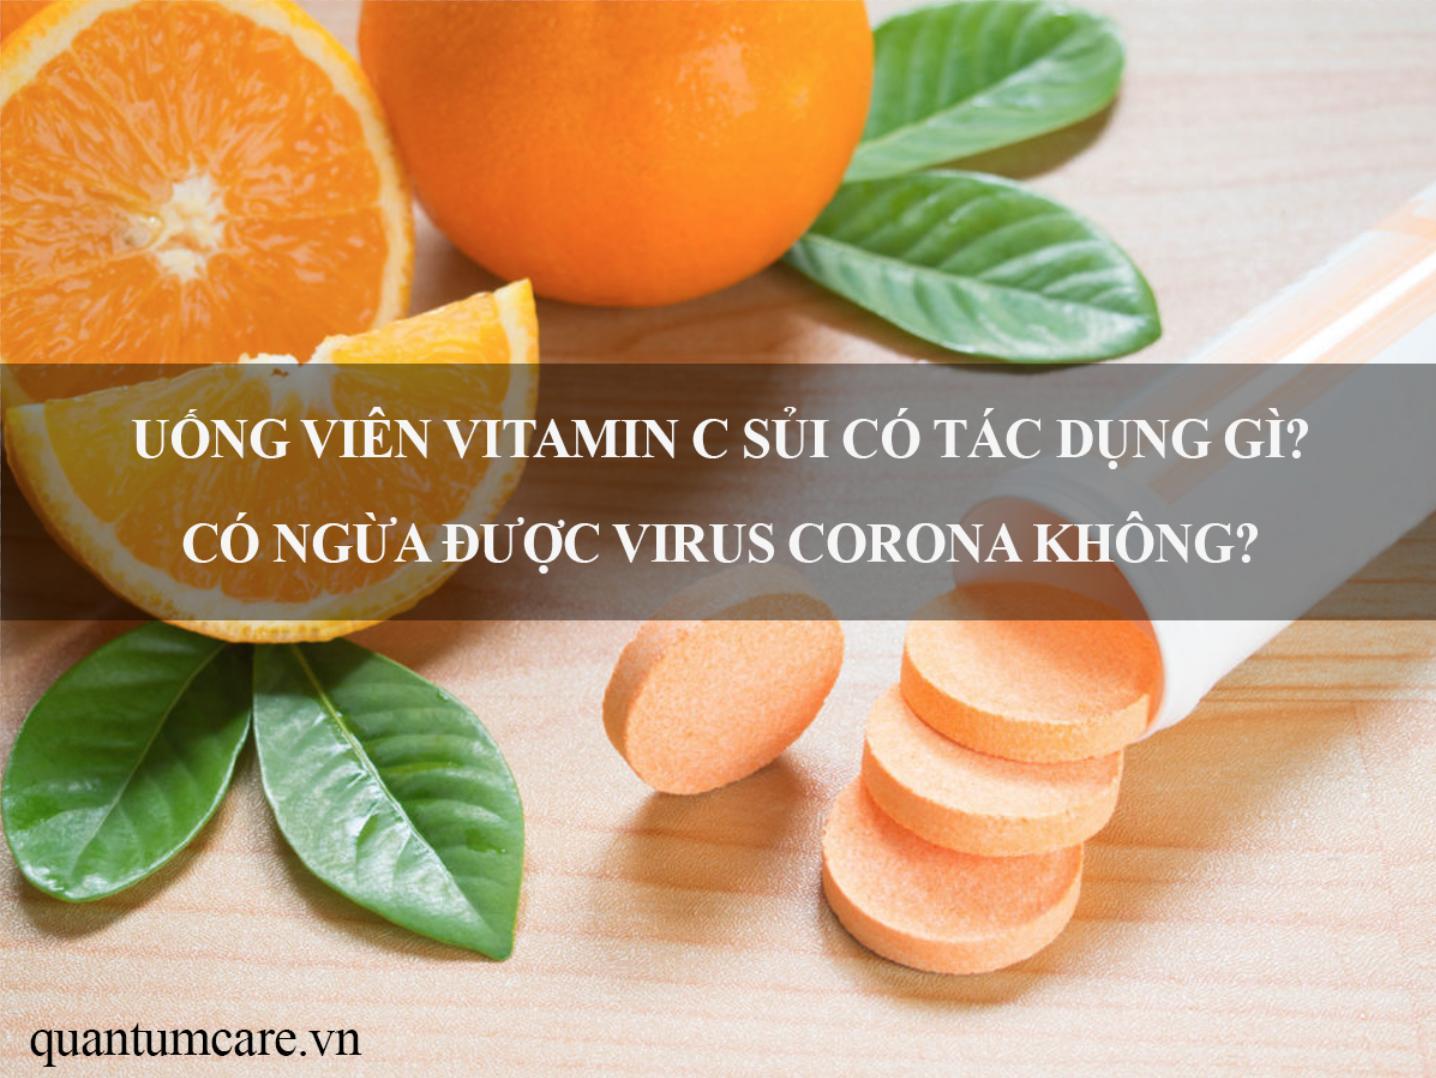 Uống Viên Vitamin C Sủi Có Tác Dụng Gì? Có ngừa được virus Corona không?